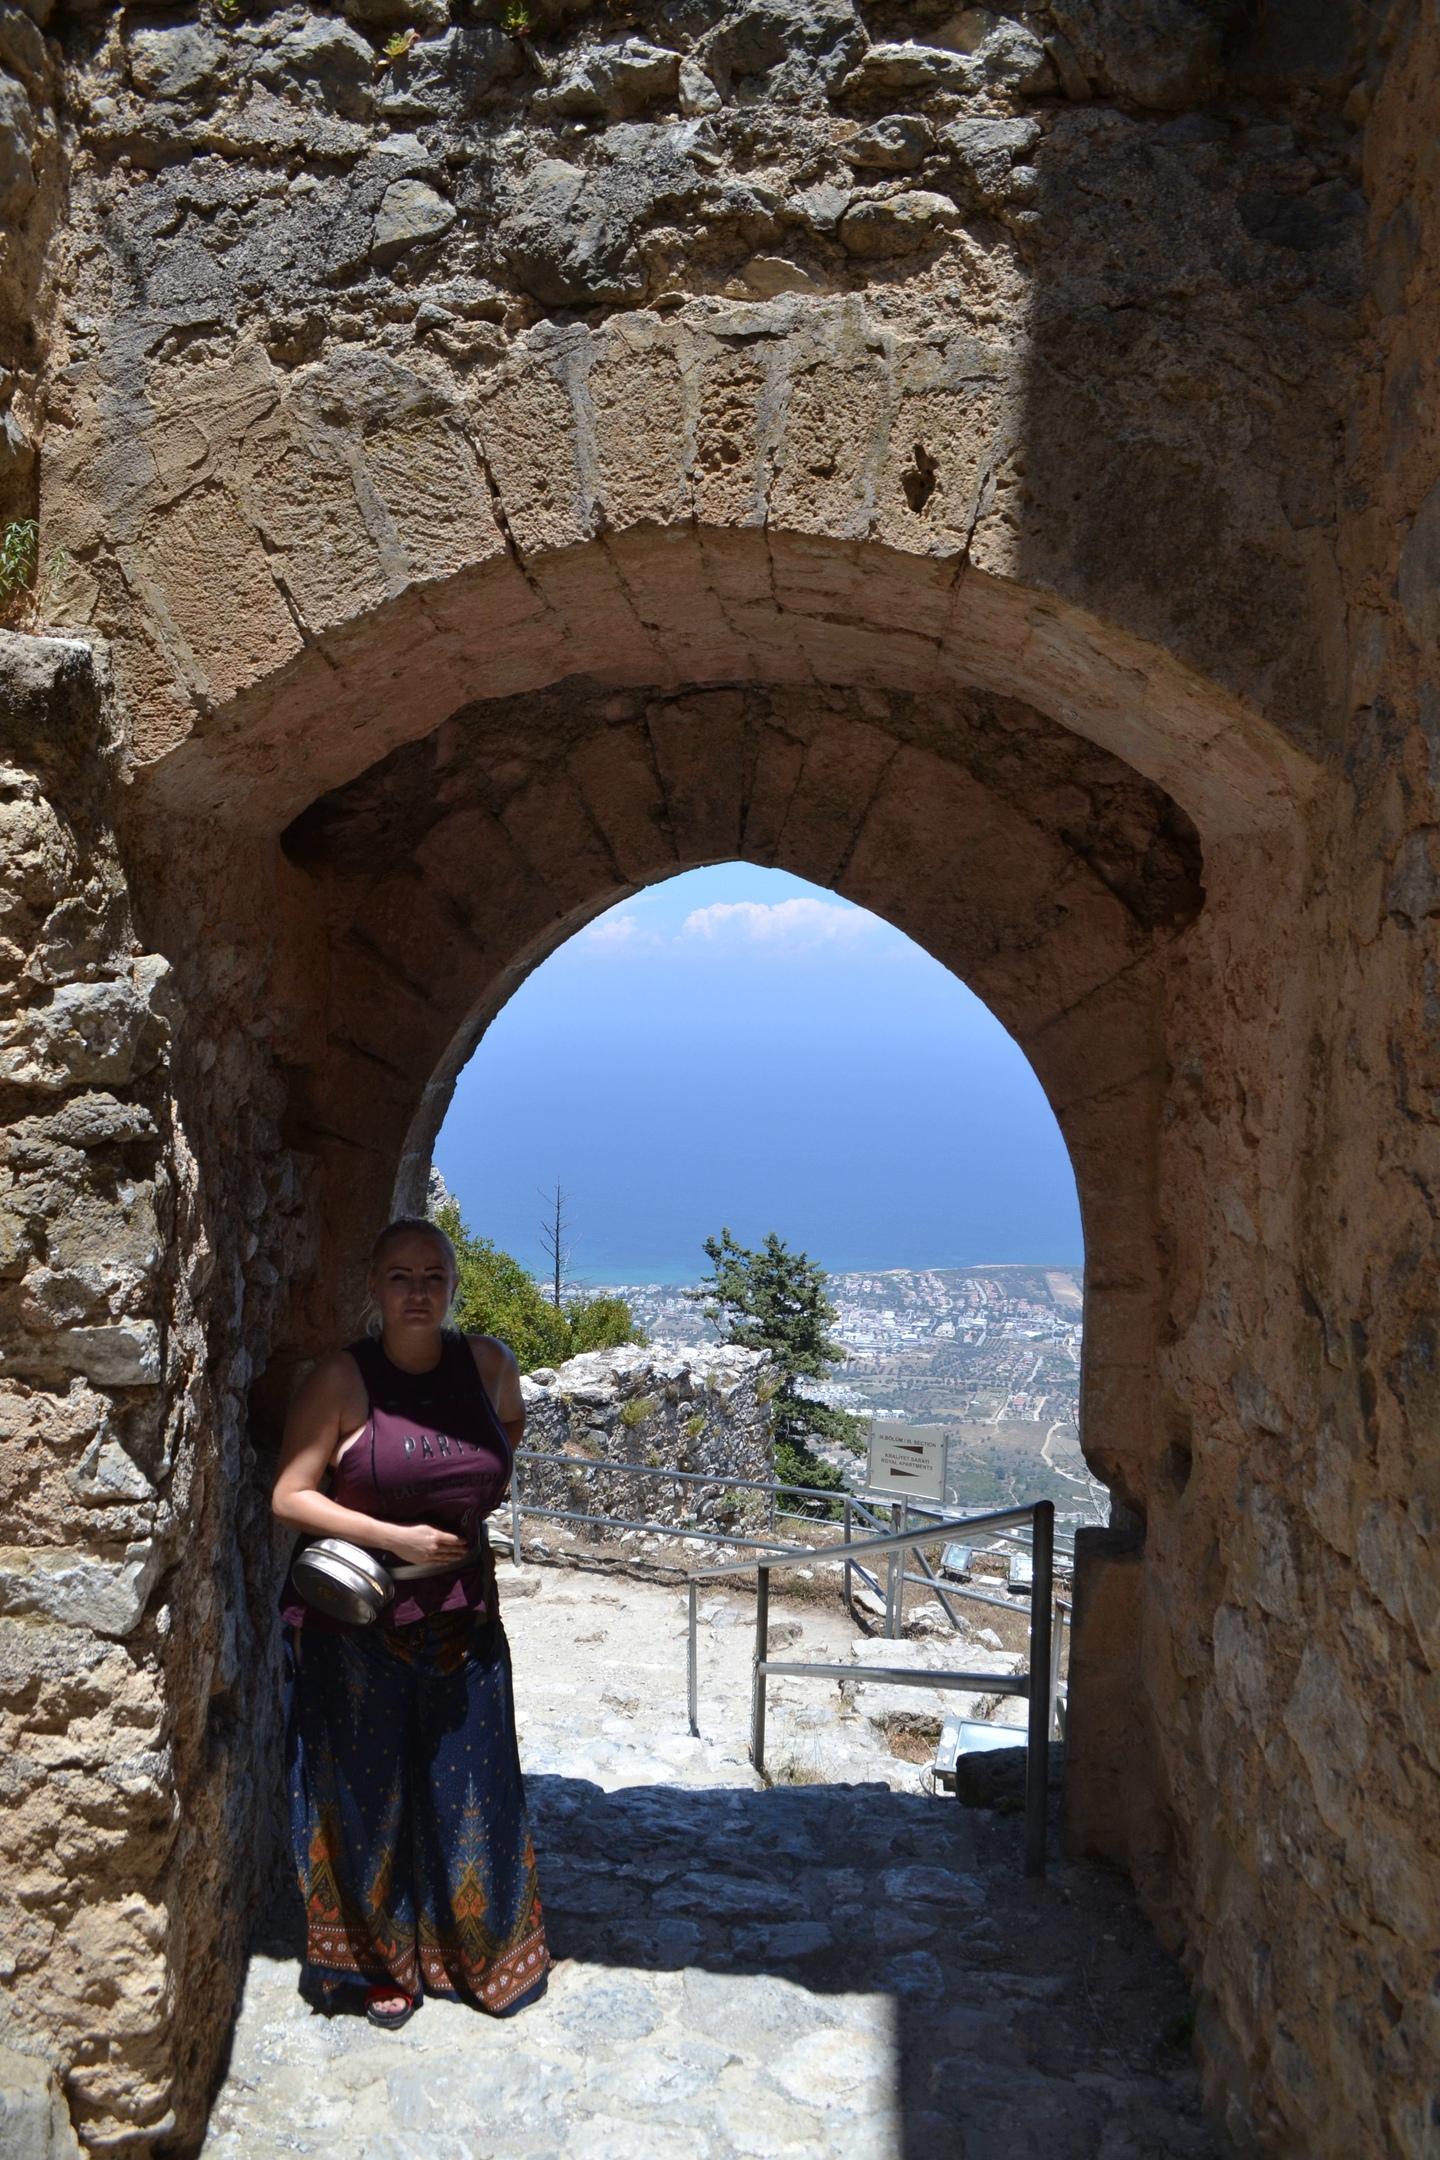 Северный Кипр. Замок Святого Иллариона. (фото). - Страница 2 QP-TxZl3G_c